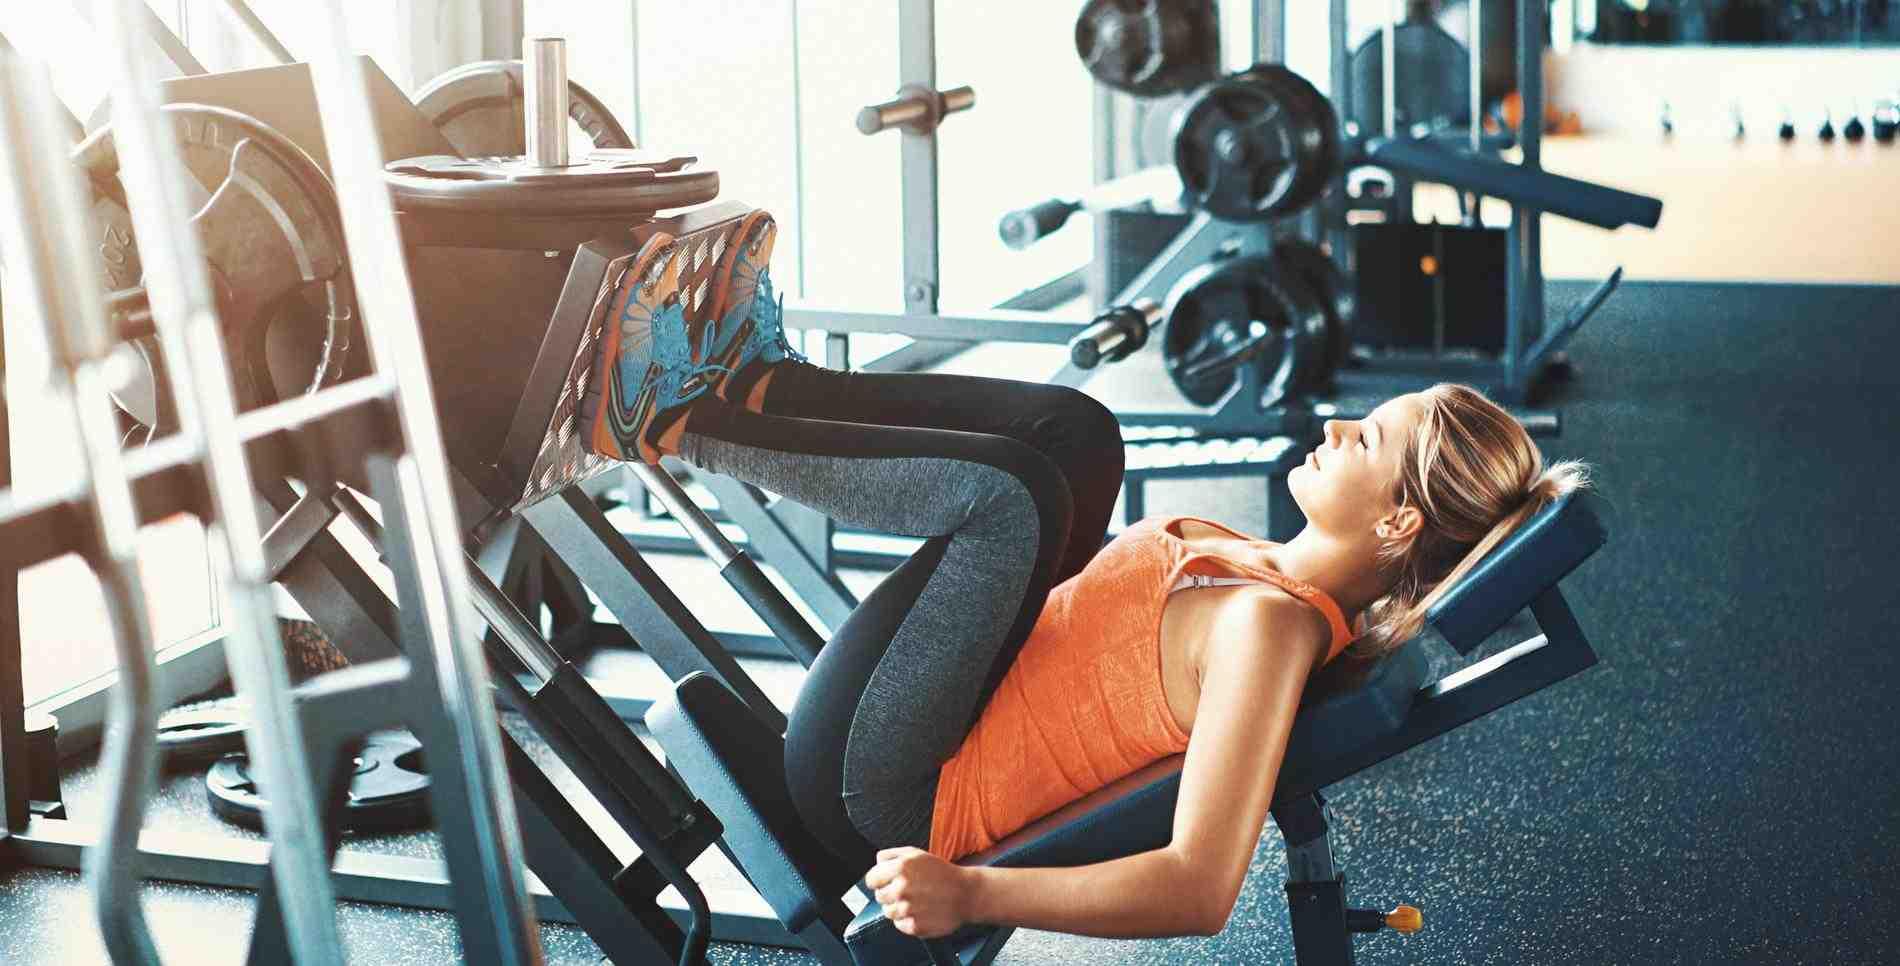 Quel exercice faire à la salle pour perdre du poids ?